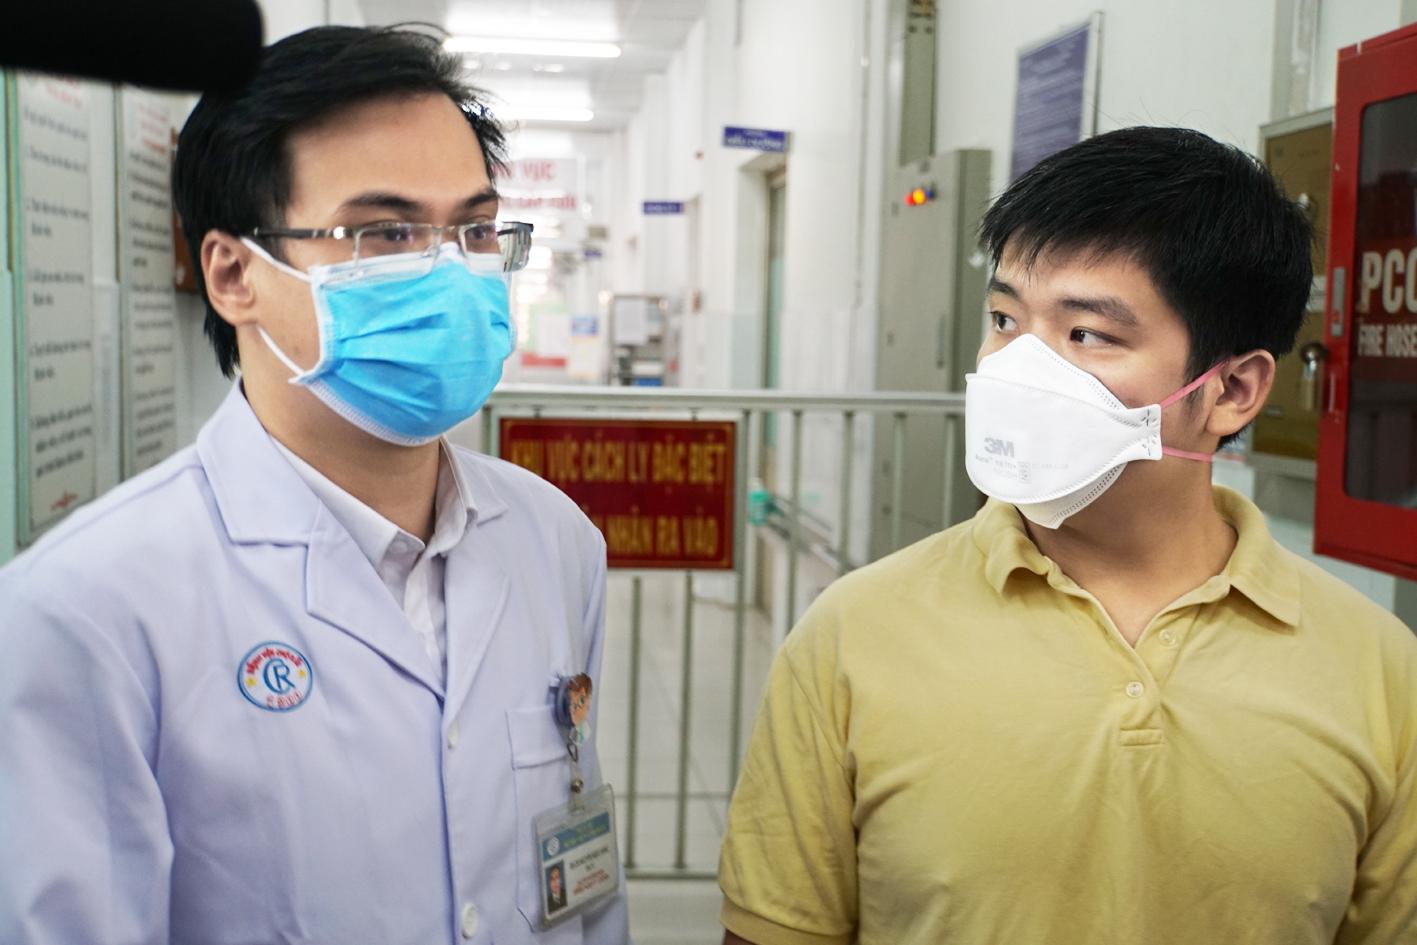 Bác sĩ Sang luôn bên cạnh anh L.Z. trong suốt thời gian anh trị bệnh